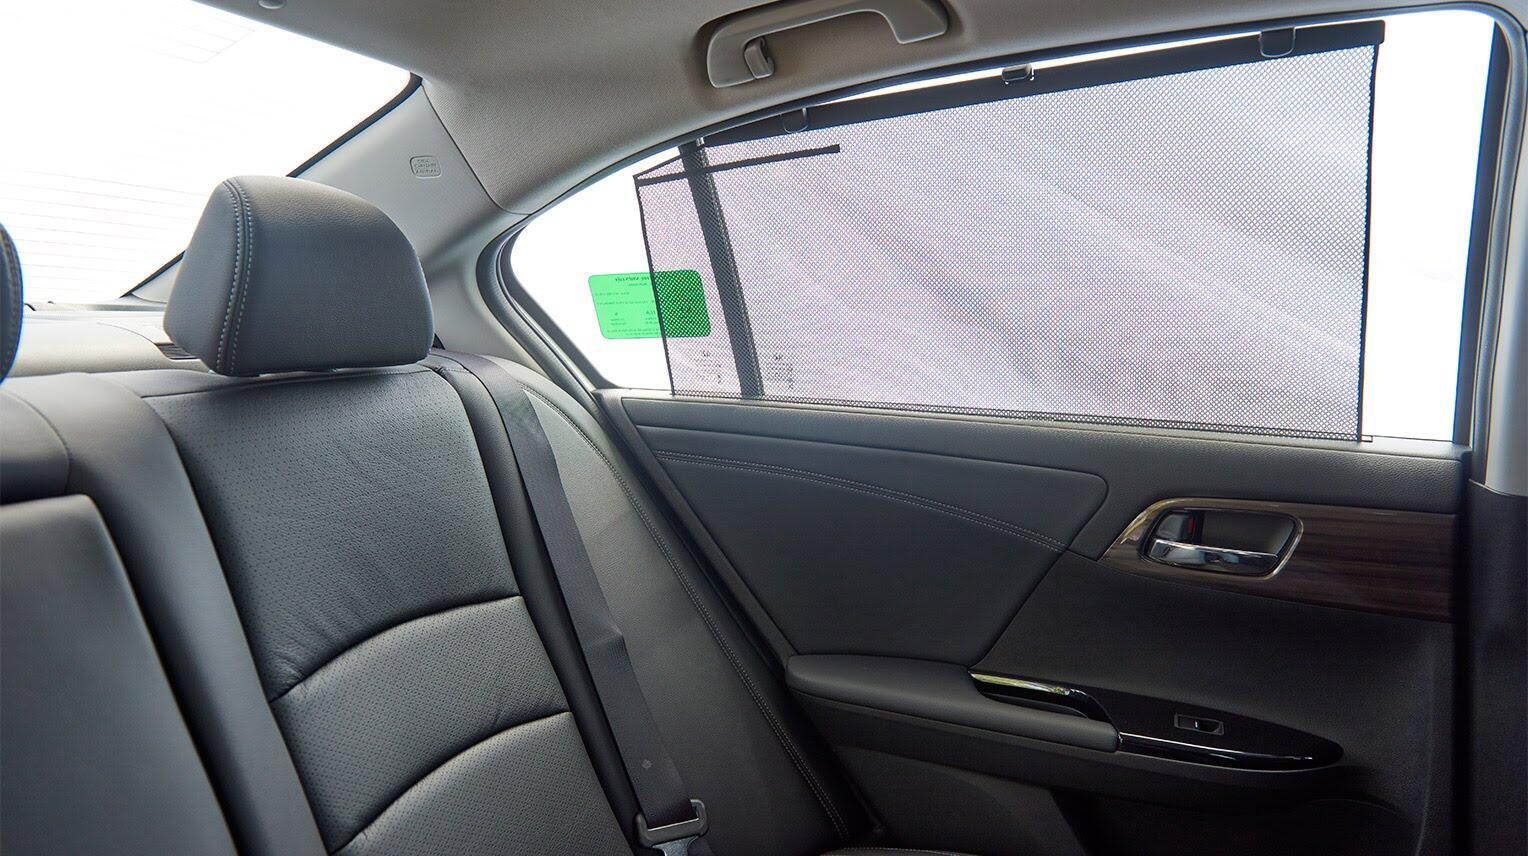 Đánh giá Honda Accord 2016: Ưa nhìn hơn, trang bị tốt hơn và lái phấn khích hơn - Hình 23